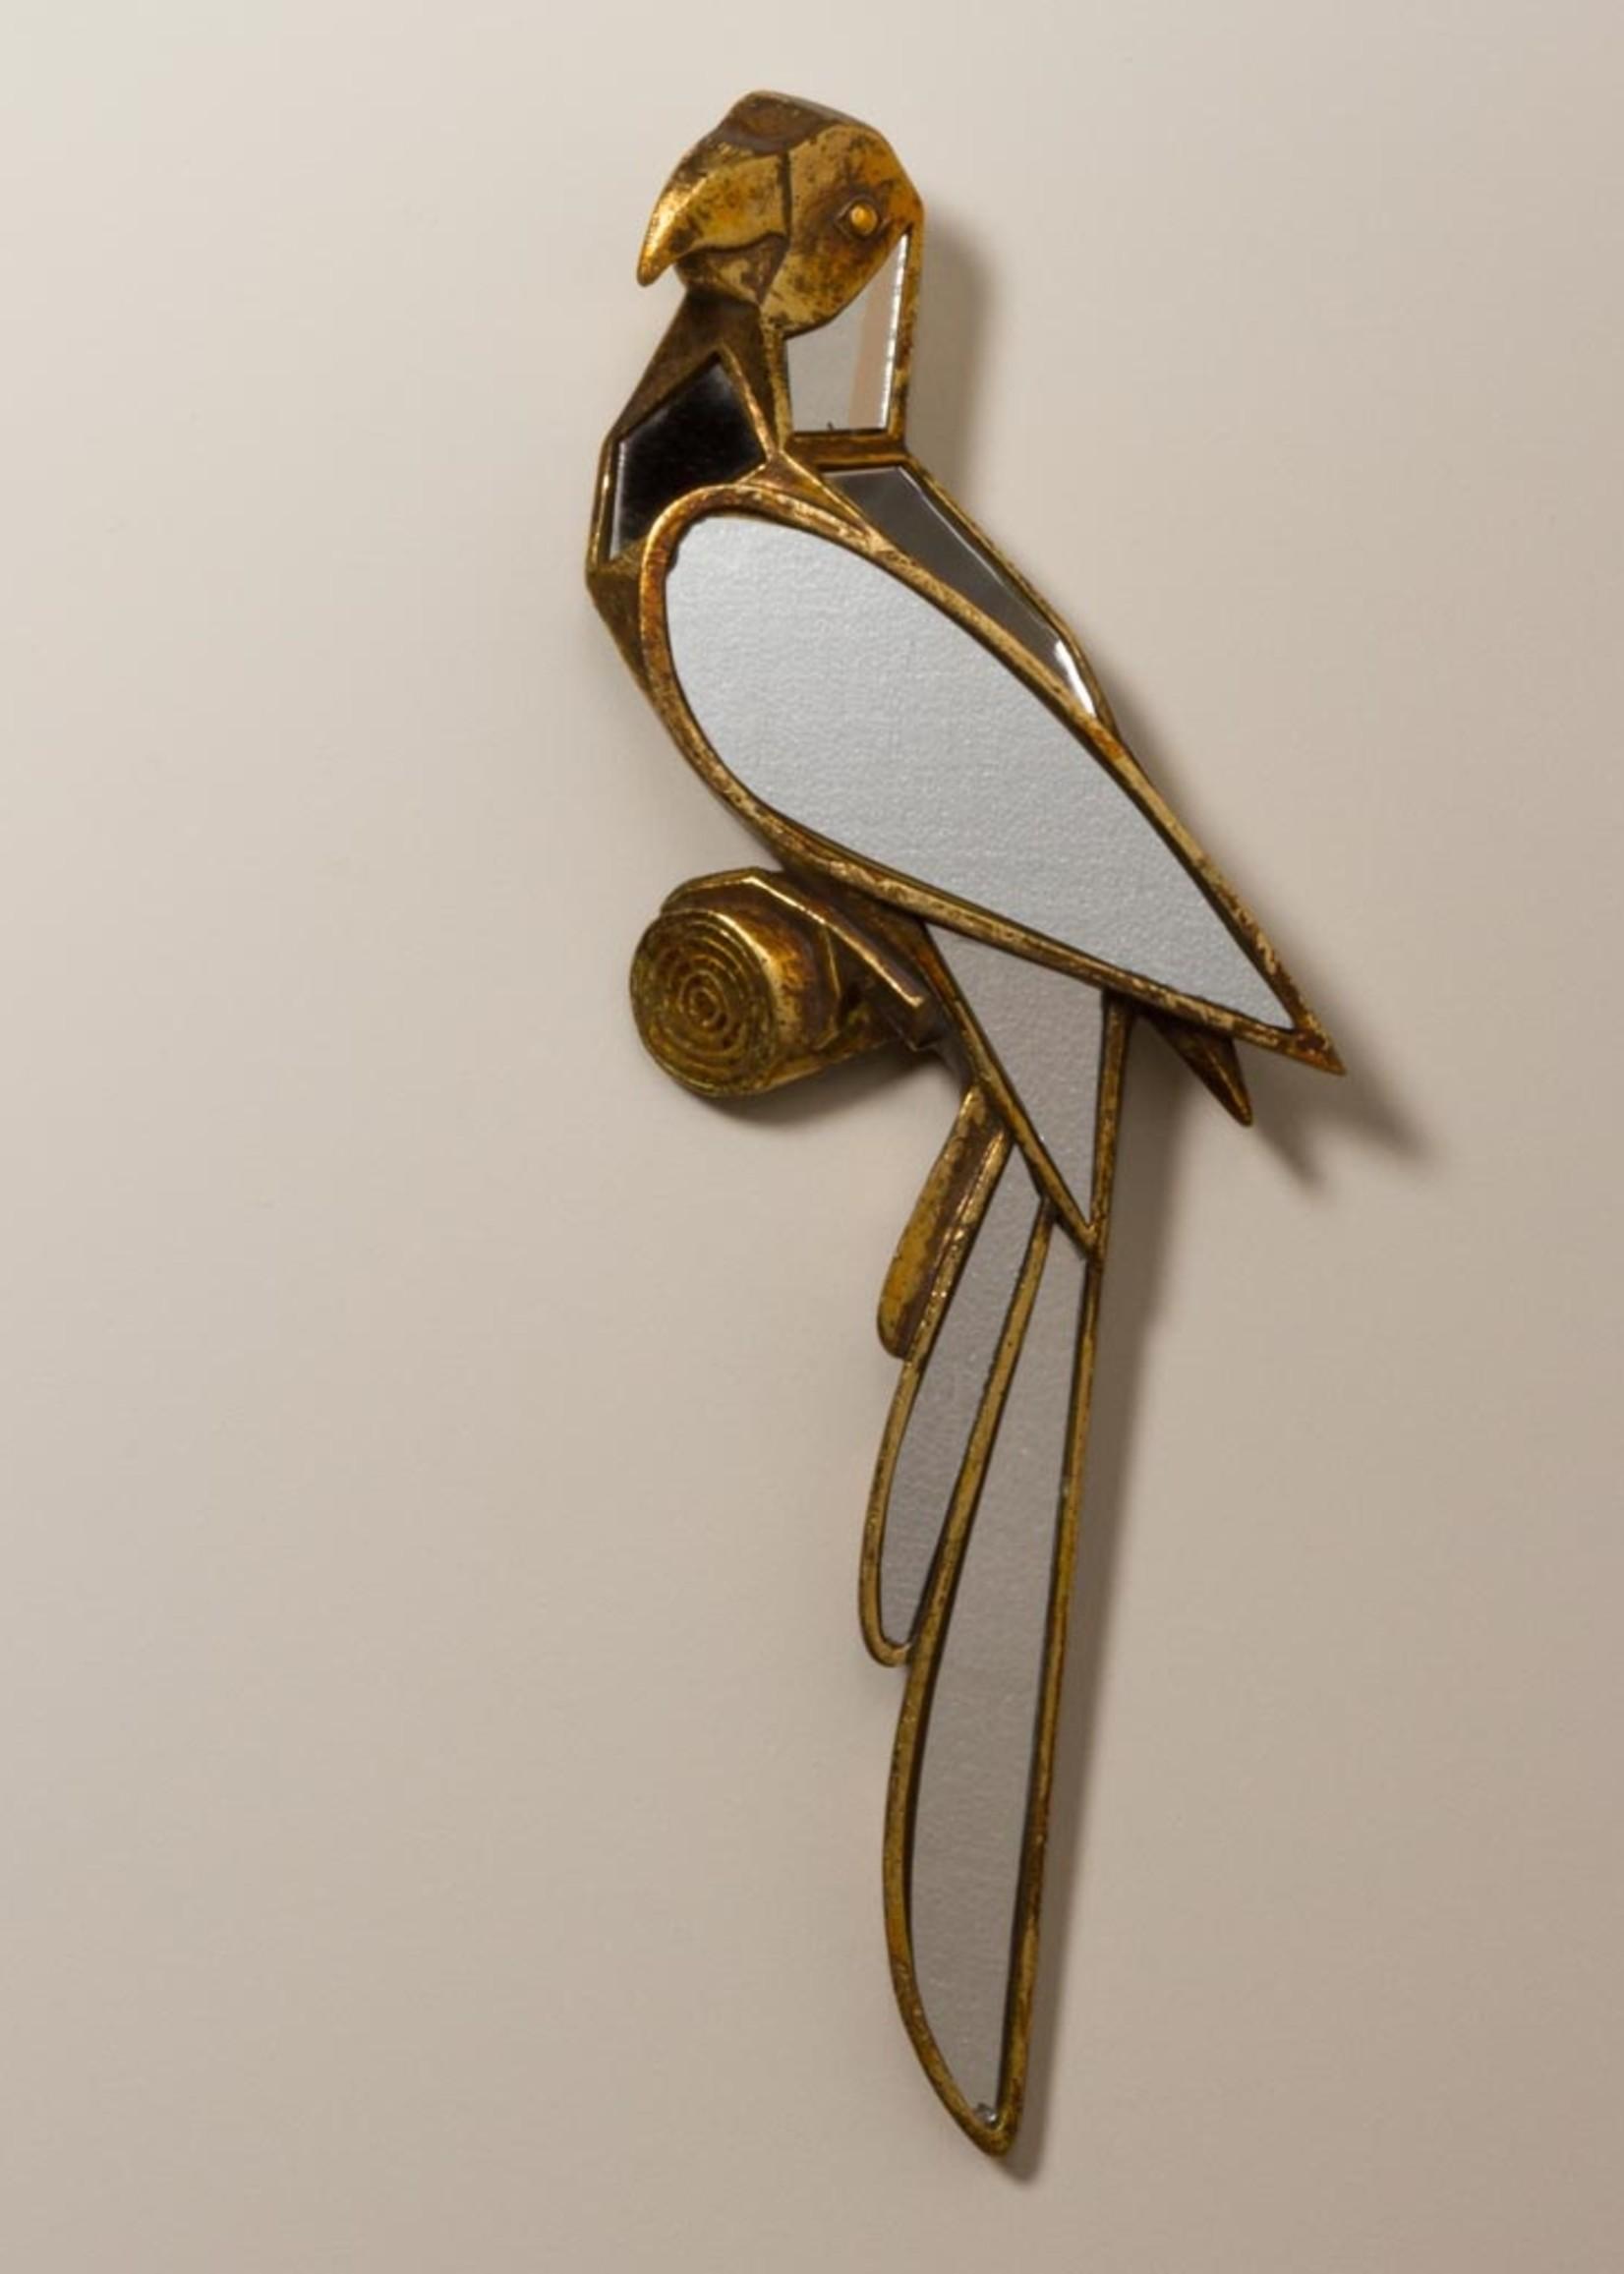 Chehoma Wanddecoratie PAPEGAAI met spiegels